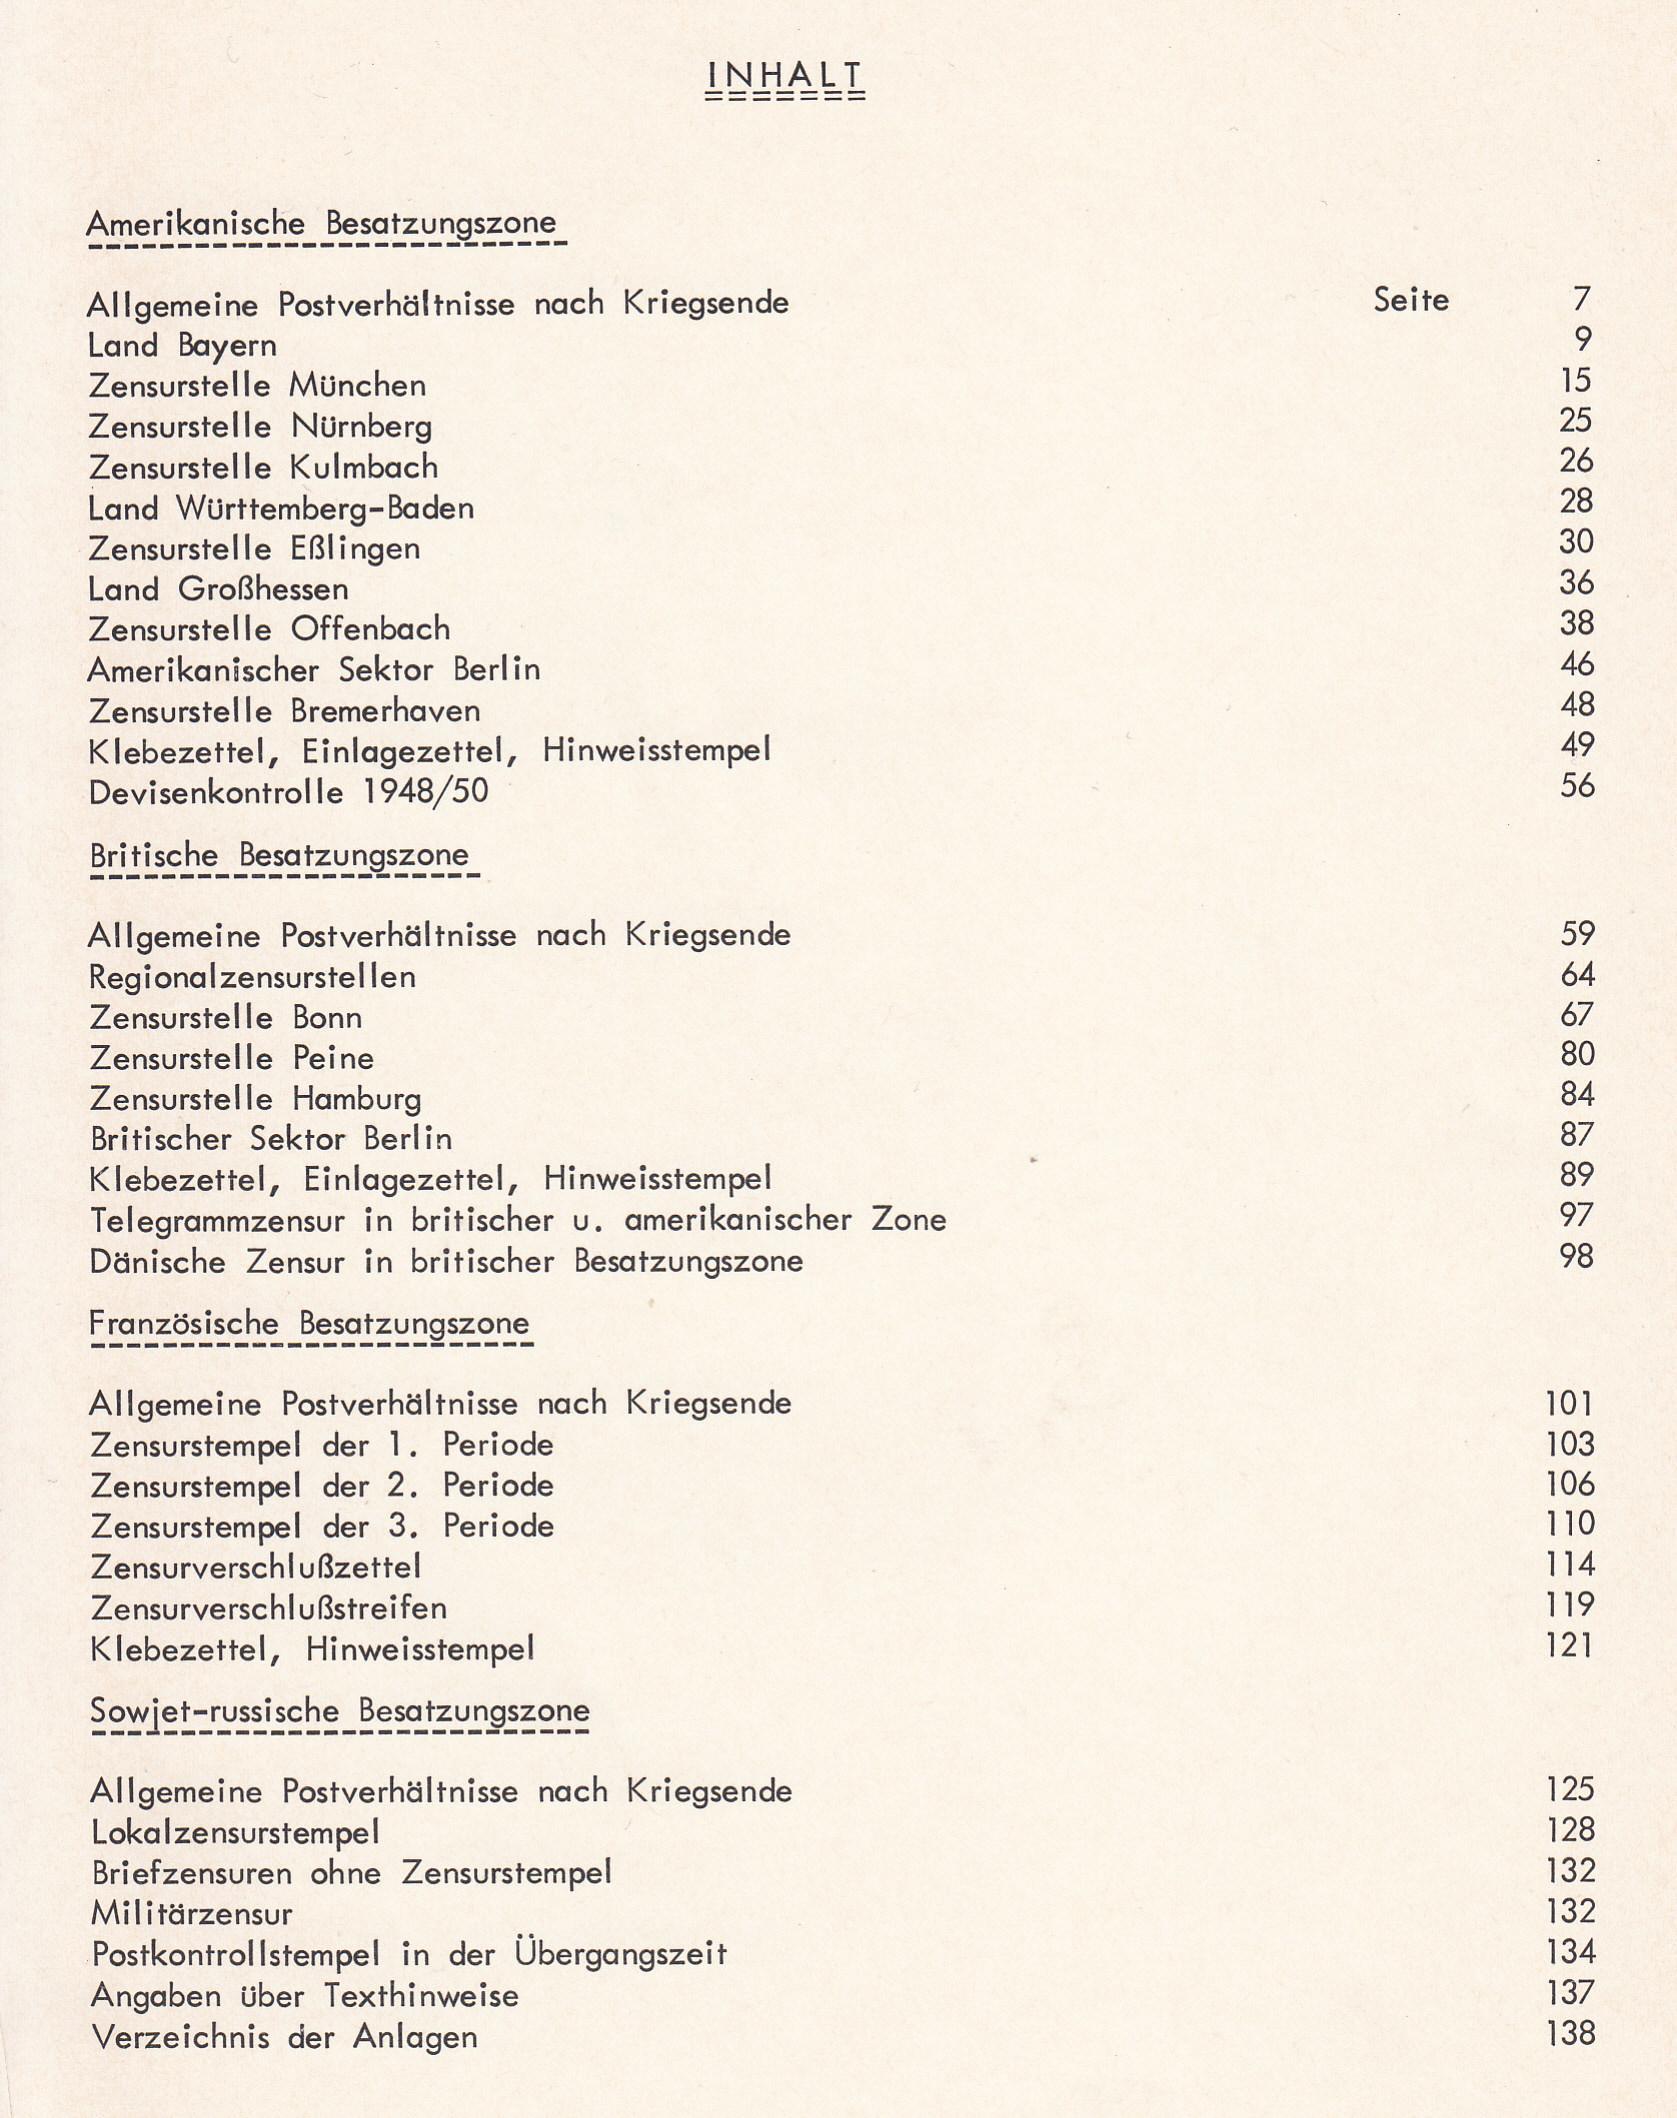 Nachtrag - Die Büchersammlungen der Forumsmitglieder - Seite 9 Img_0295